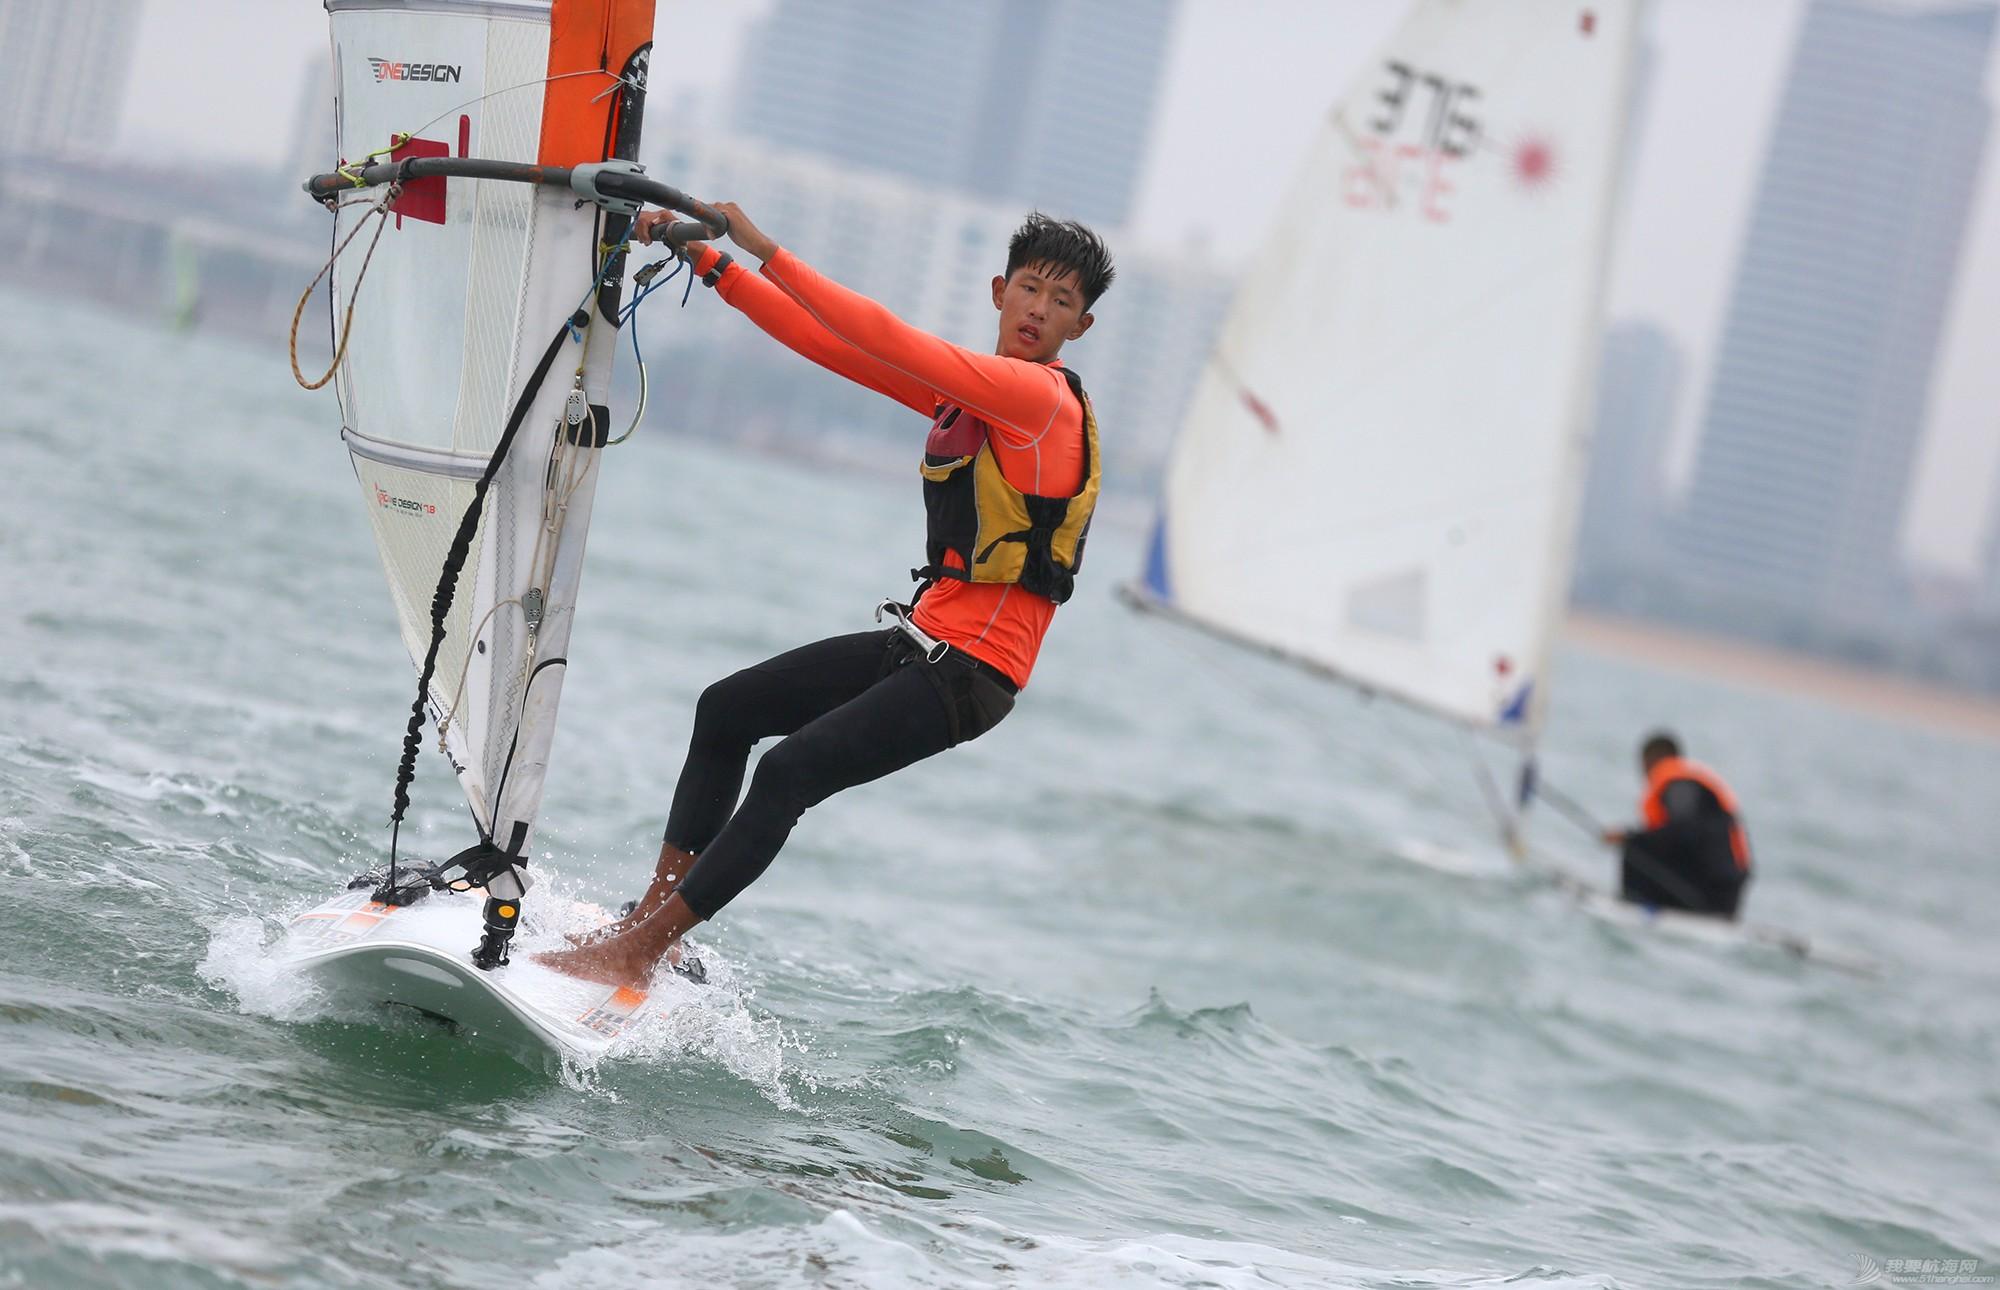 山东省,运动员,冠军赛,天气,帆板 风生水起,怎奈个个都是浪里白条——山东省帆船帆板冠军赛第二天赛况 5V8A2915副本.jpg